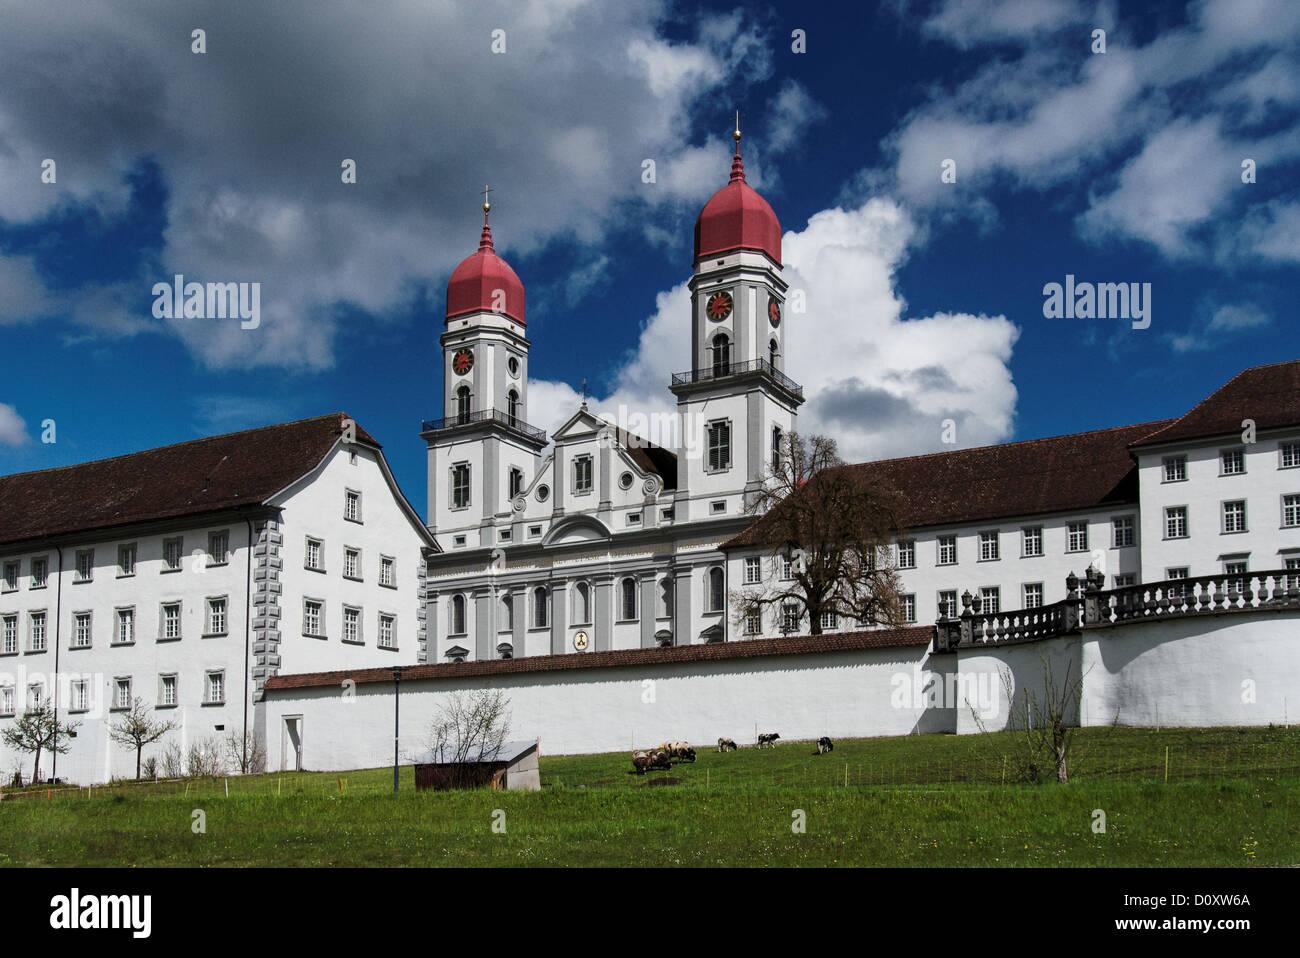 Il cristianesimo, Canton Lucerna, Cattolica, chiesa, chiostro, religione, Svizzera, Europa, Sant'Urbano, vita Immagini Stock